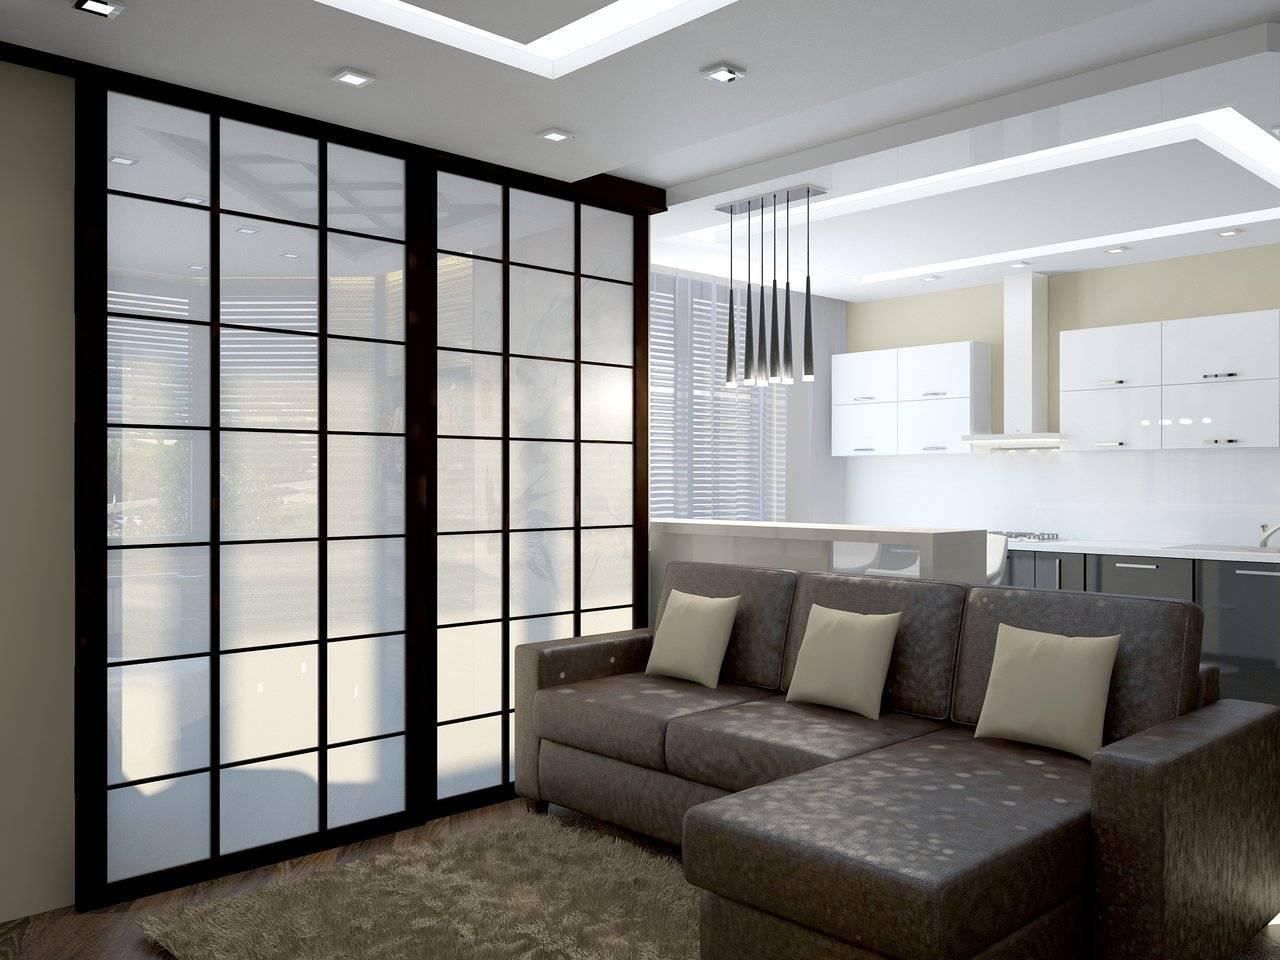 Перегородки из стекла: виды, толщина стекла, монтаж. замеры и монтаж стеклянных перегородок как правильно сделать замер для стеклянной перегородки